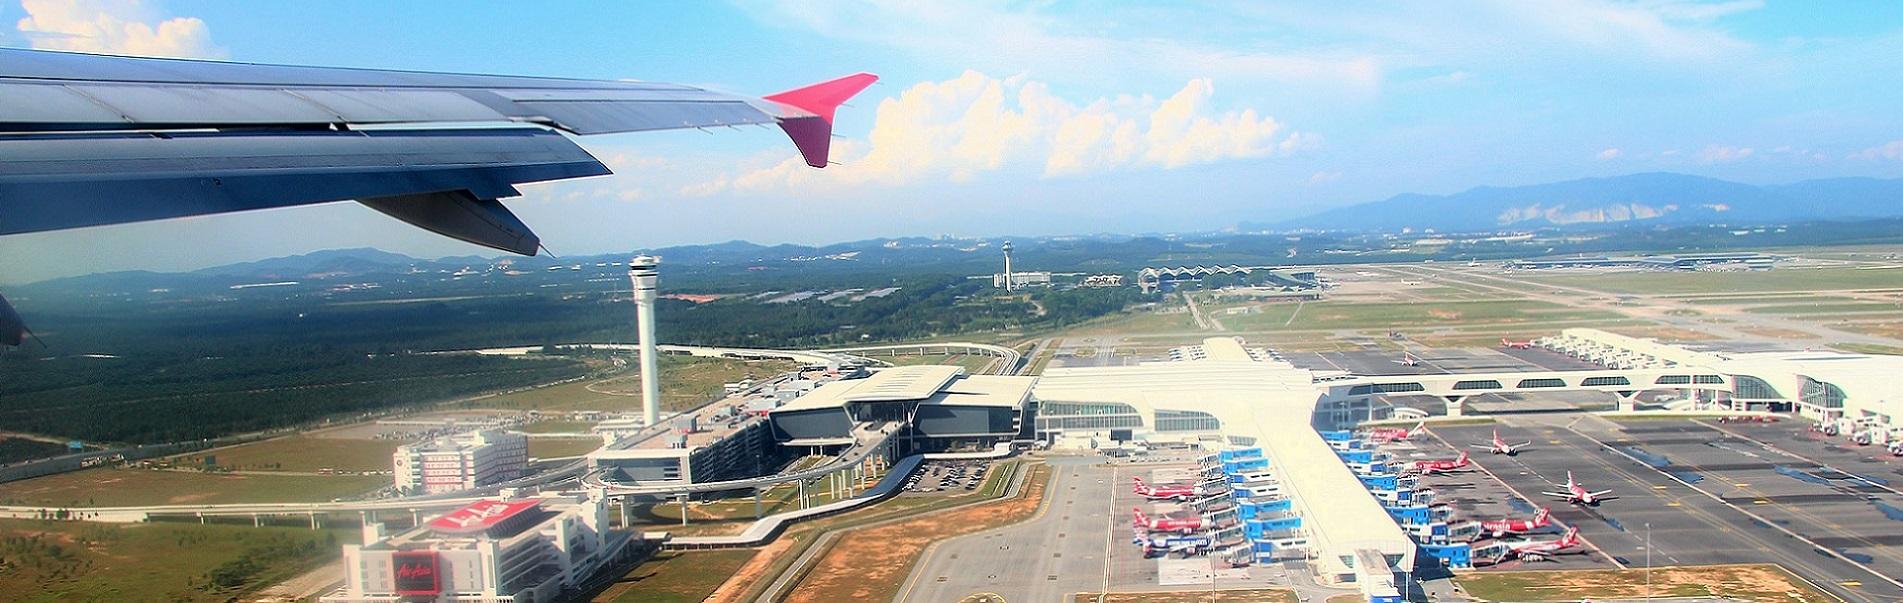 夢の国マレーシアのペナン島の上空より